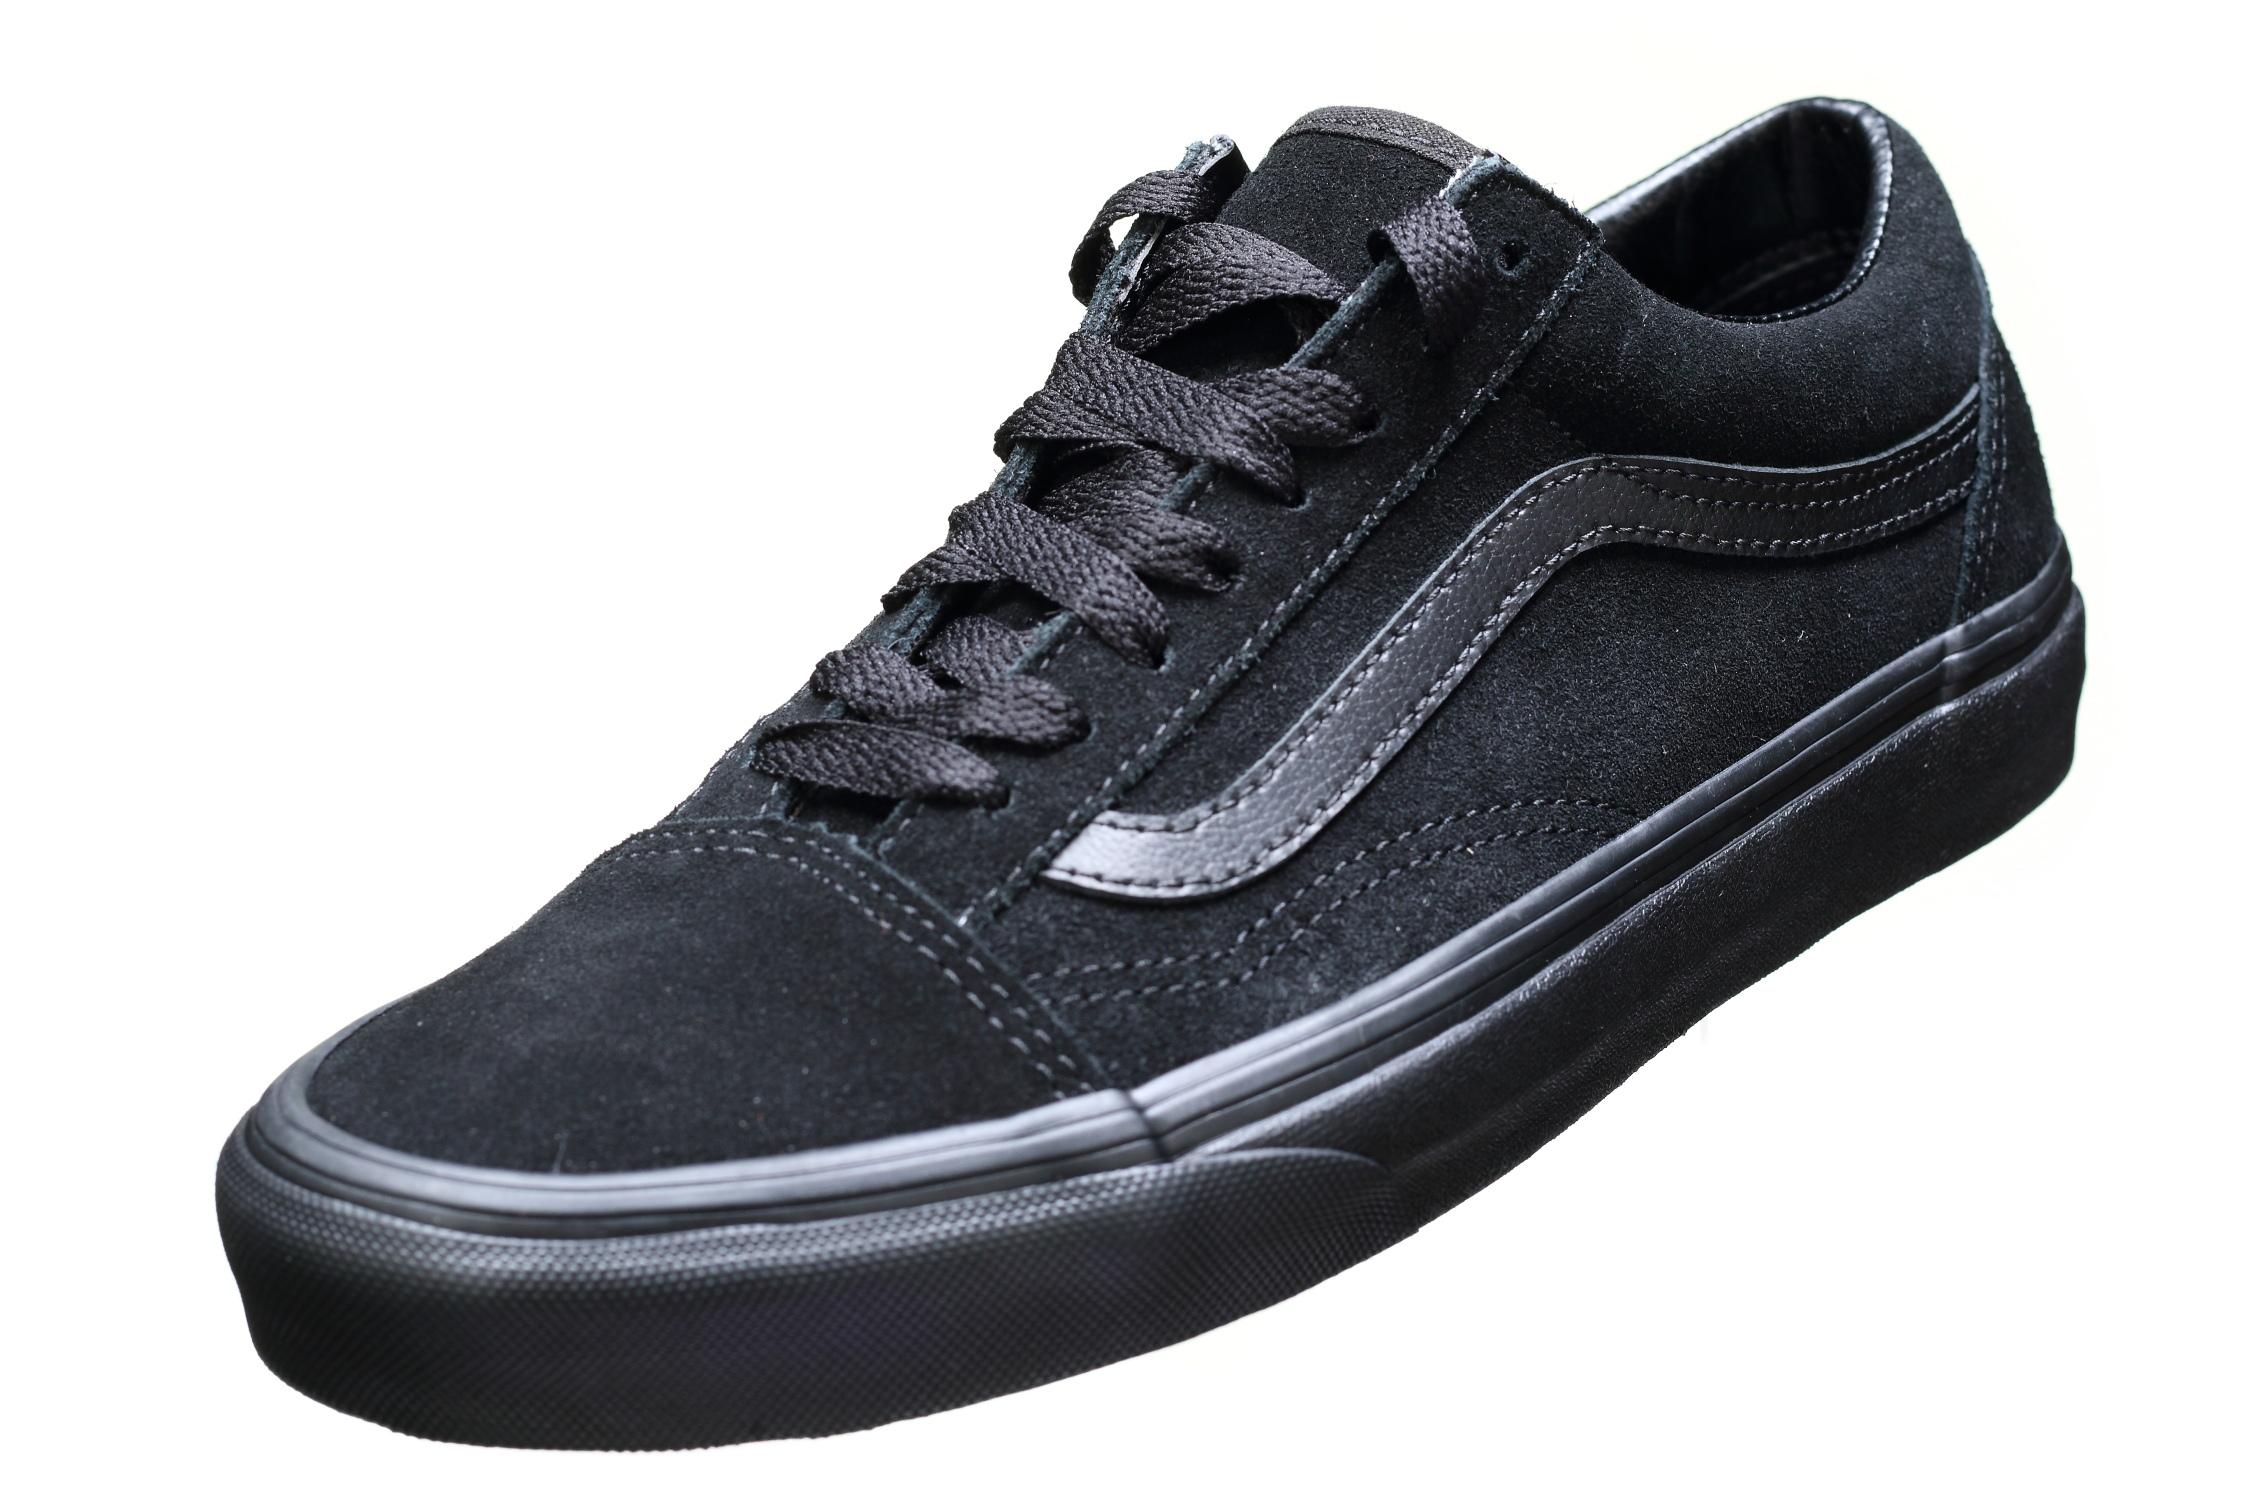 http://www.leadermode.com/154189/vans-old-skool-suede-v8g1nri-black-black.jpg